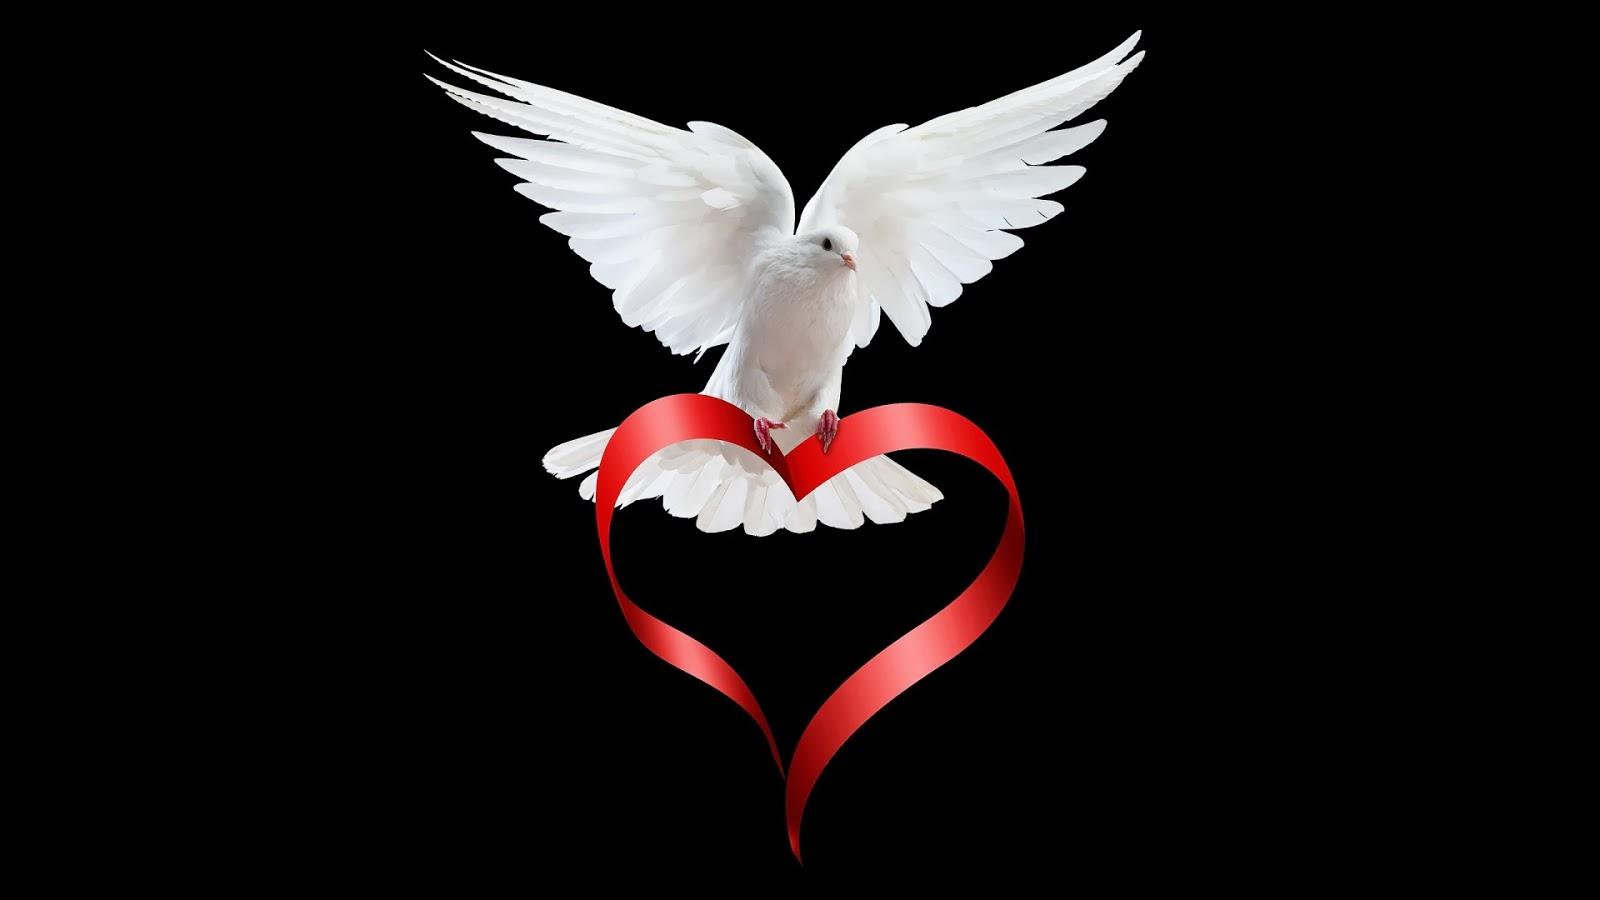 ĐTC mời gọi mọi người xây dựng và sống hòa bình mỗi ngày